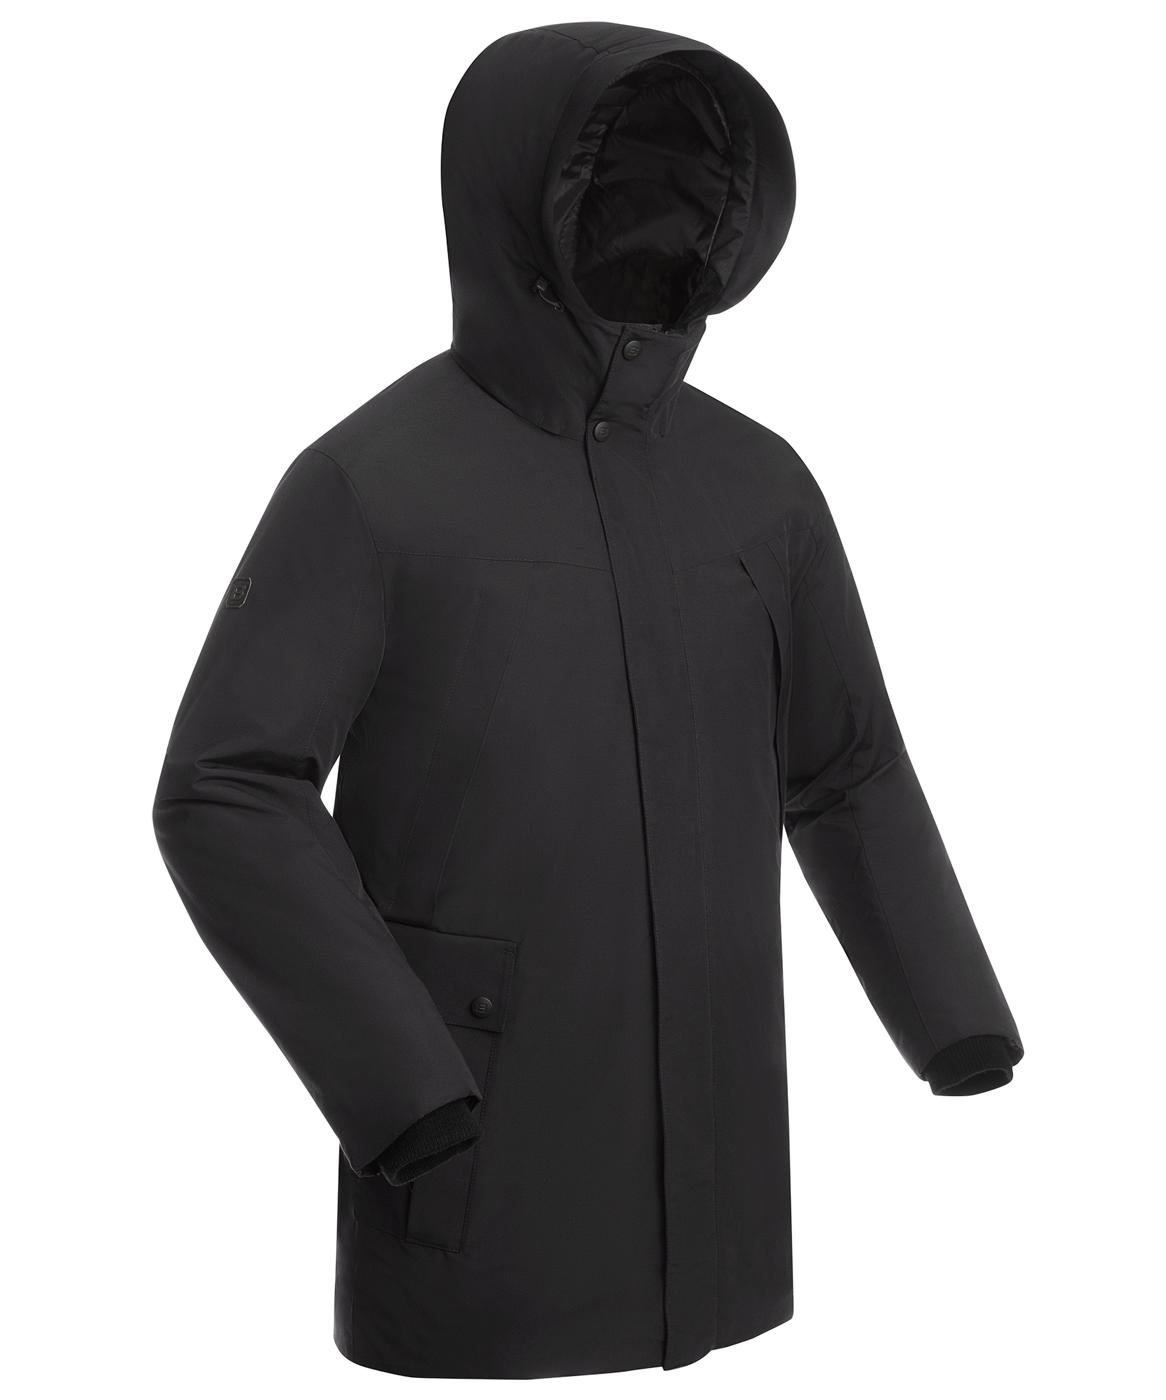 Купить Пальто утепленное мужское BASK MARS черное, Компания БАСК